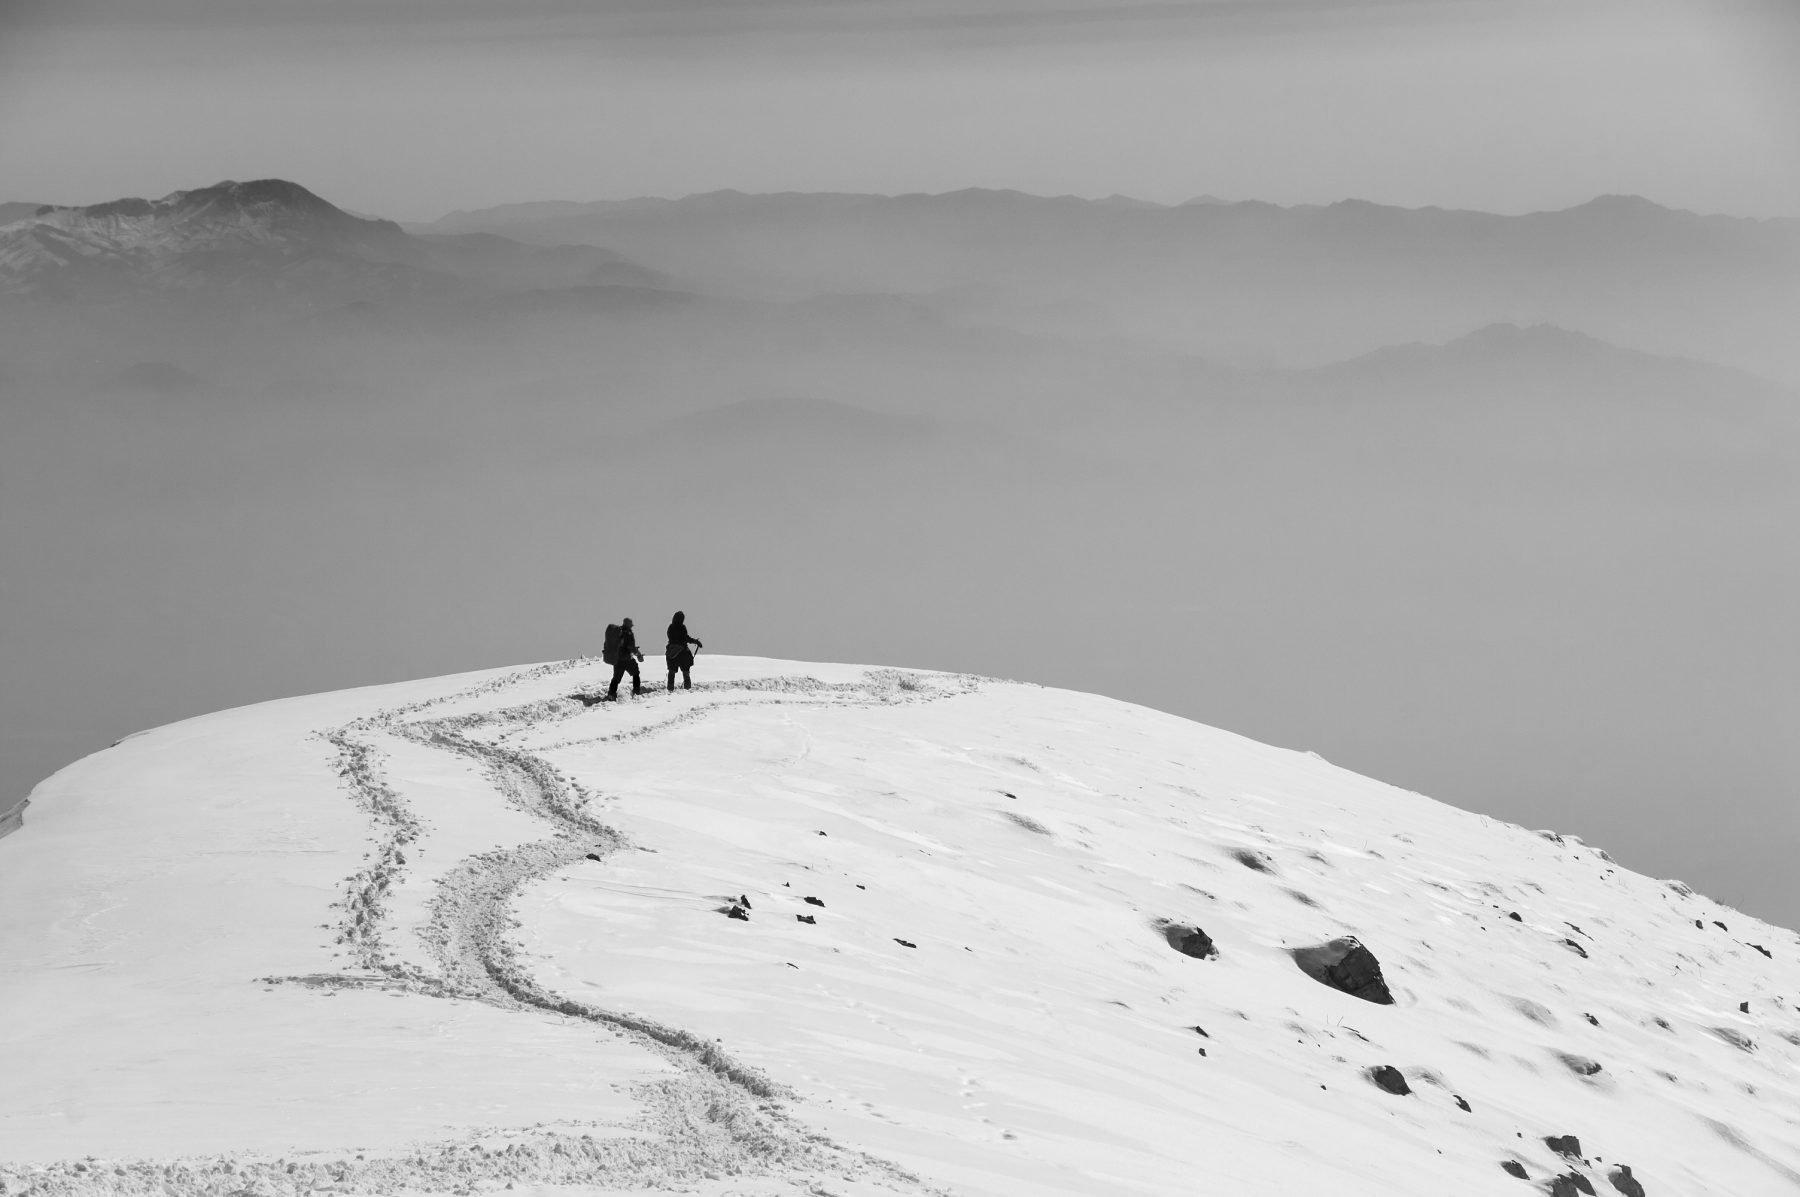 Photo en noir et blanc par Payam Hamzei de deux femmes escalade la montagne Darabad, au nord de Téhéran, Iran